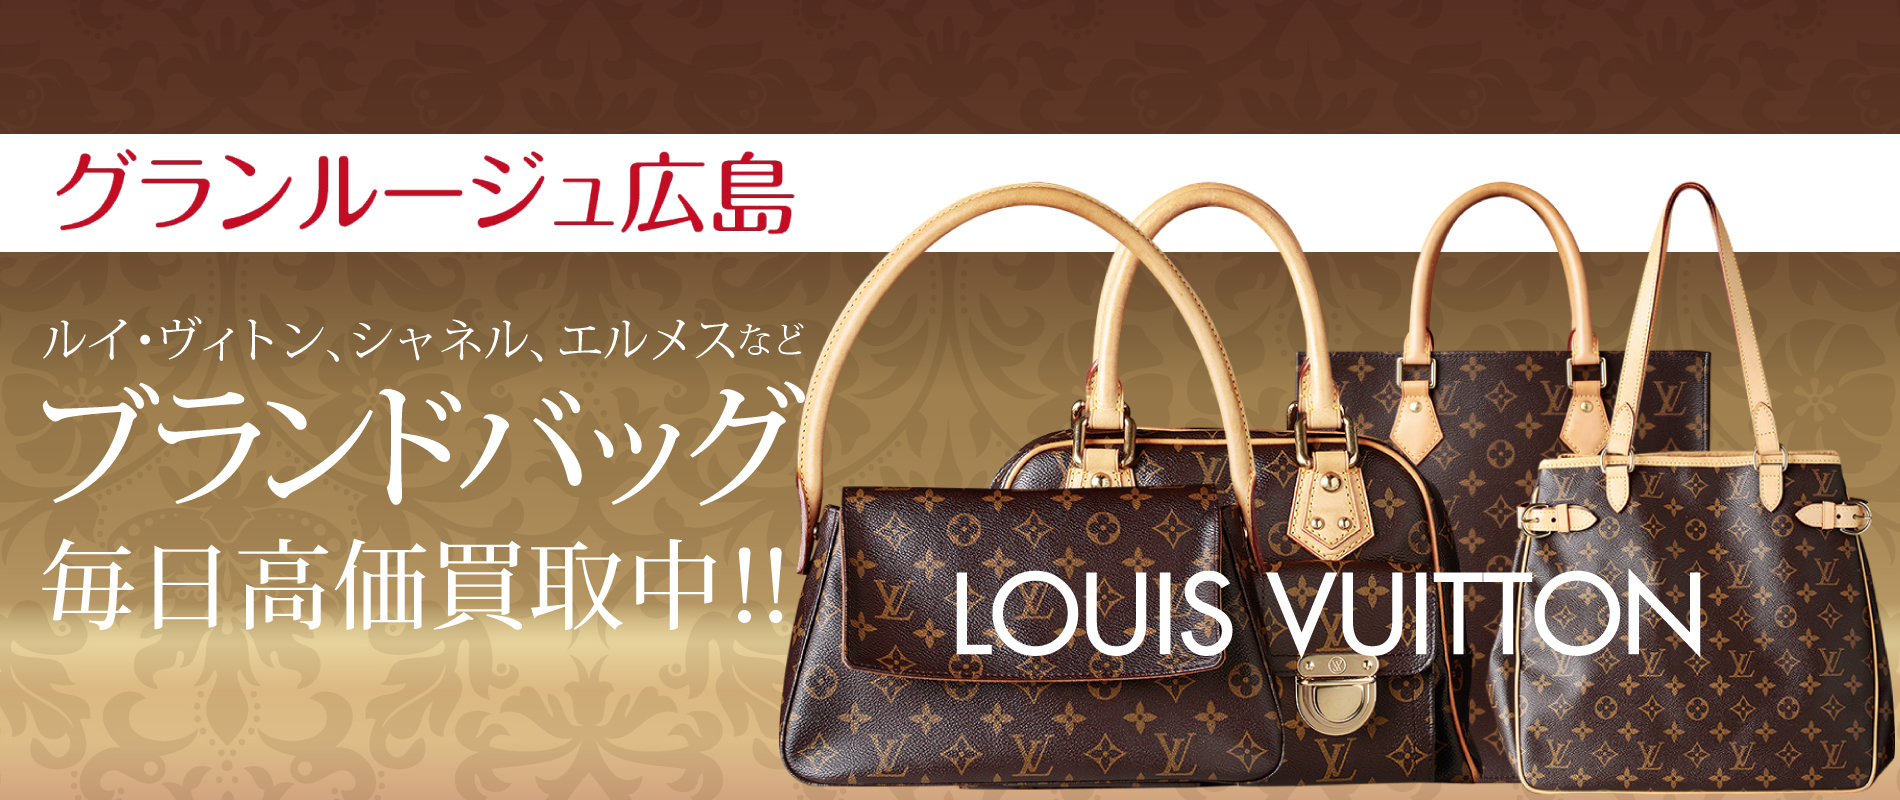 グランルージュ広島│ルイ・ヴィトン、シャネル、エルメスなどブランドバッグを毎日高価買取中!